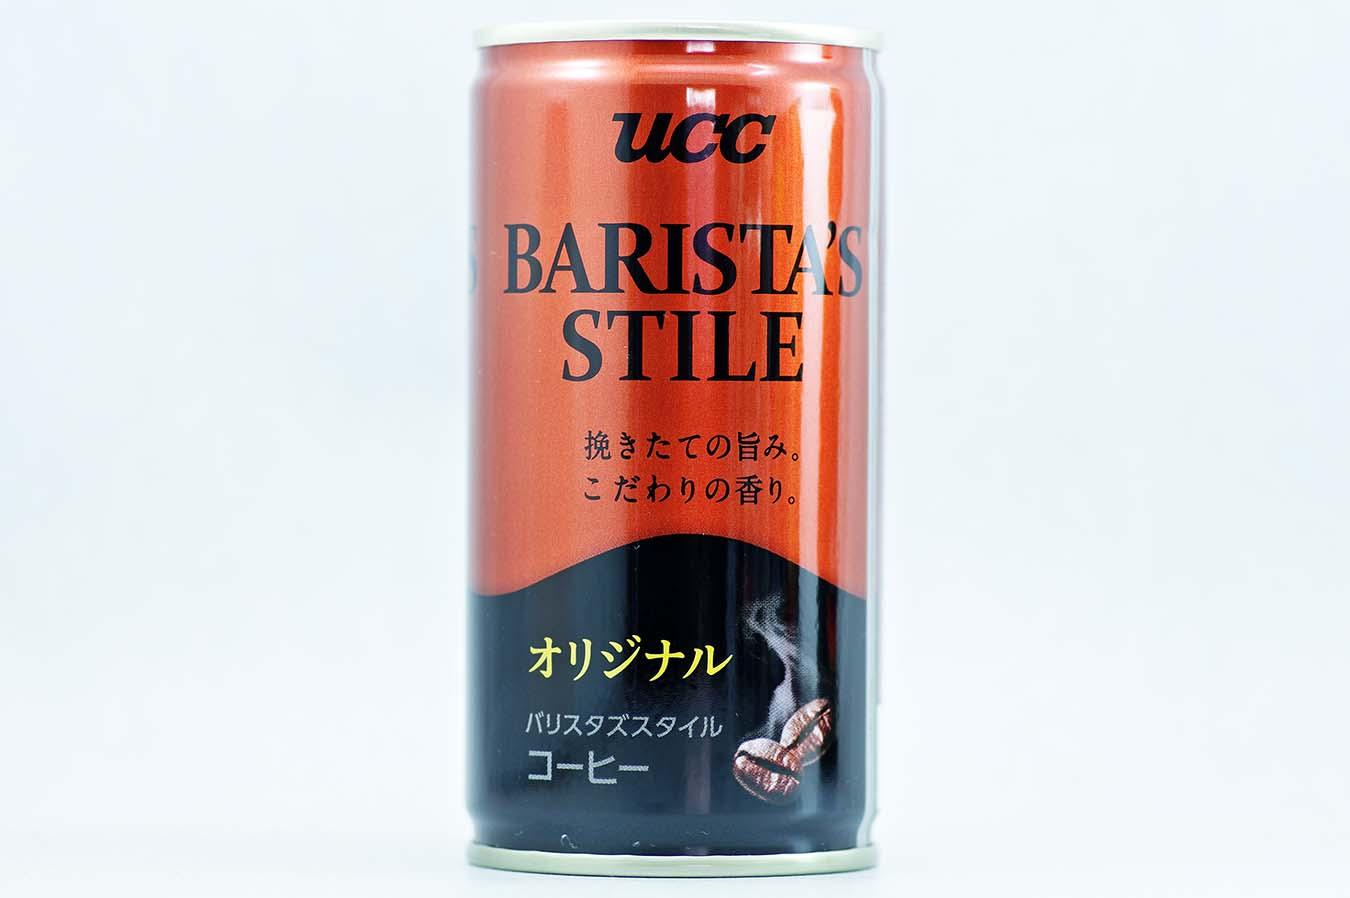 BARISTA'S STILE オリジナル